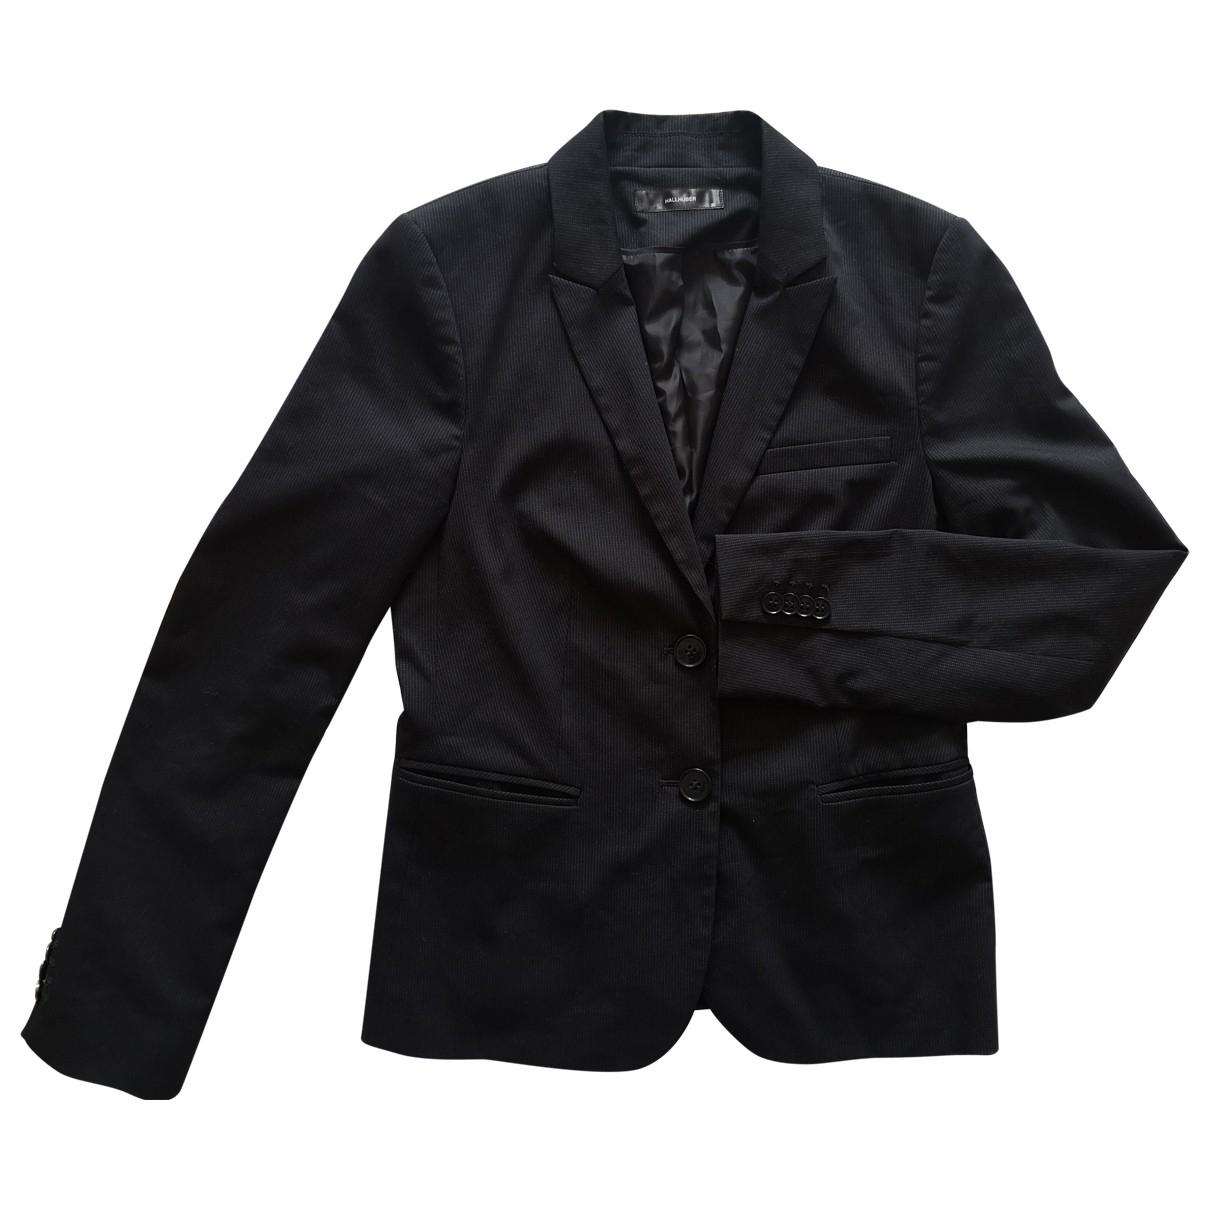 Hallhuber \N Jacke in  Schwarz Polyester